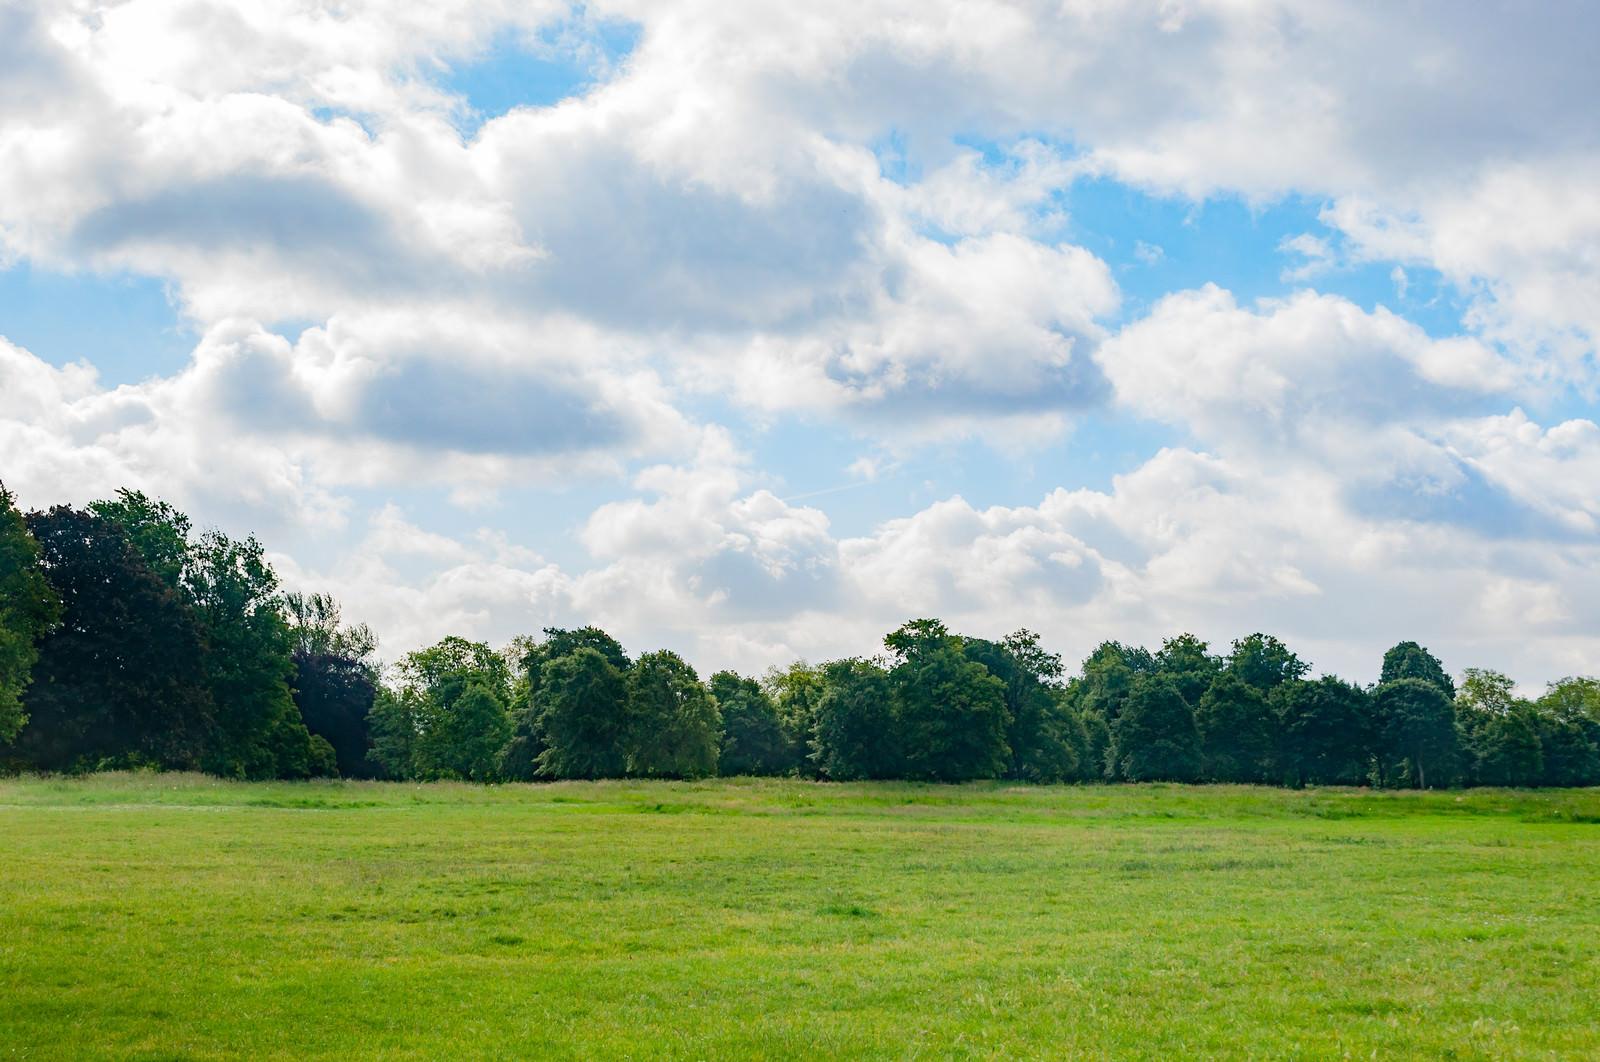 「ハイドパーク」の写真